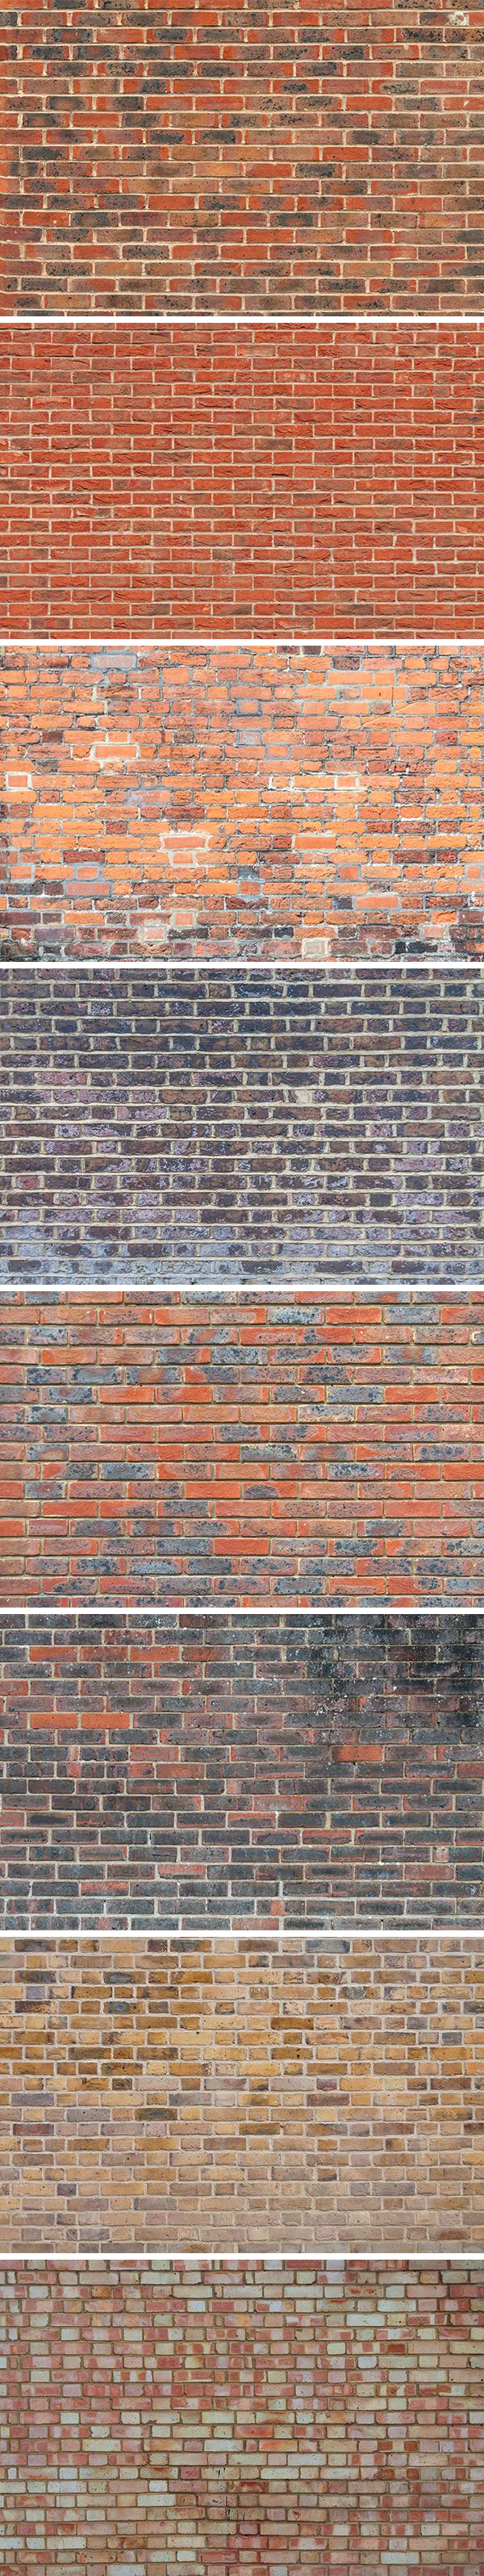 Free 8 Brick Wall Textures